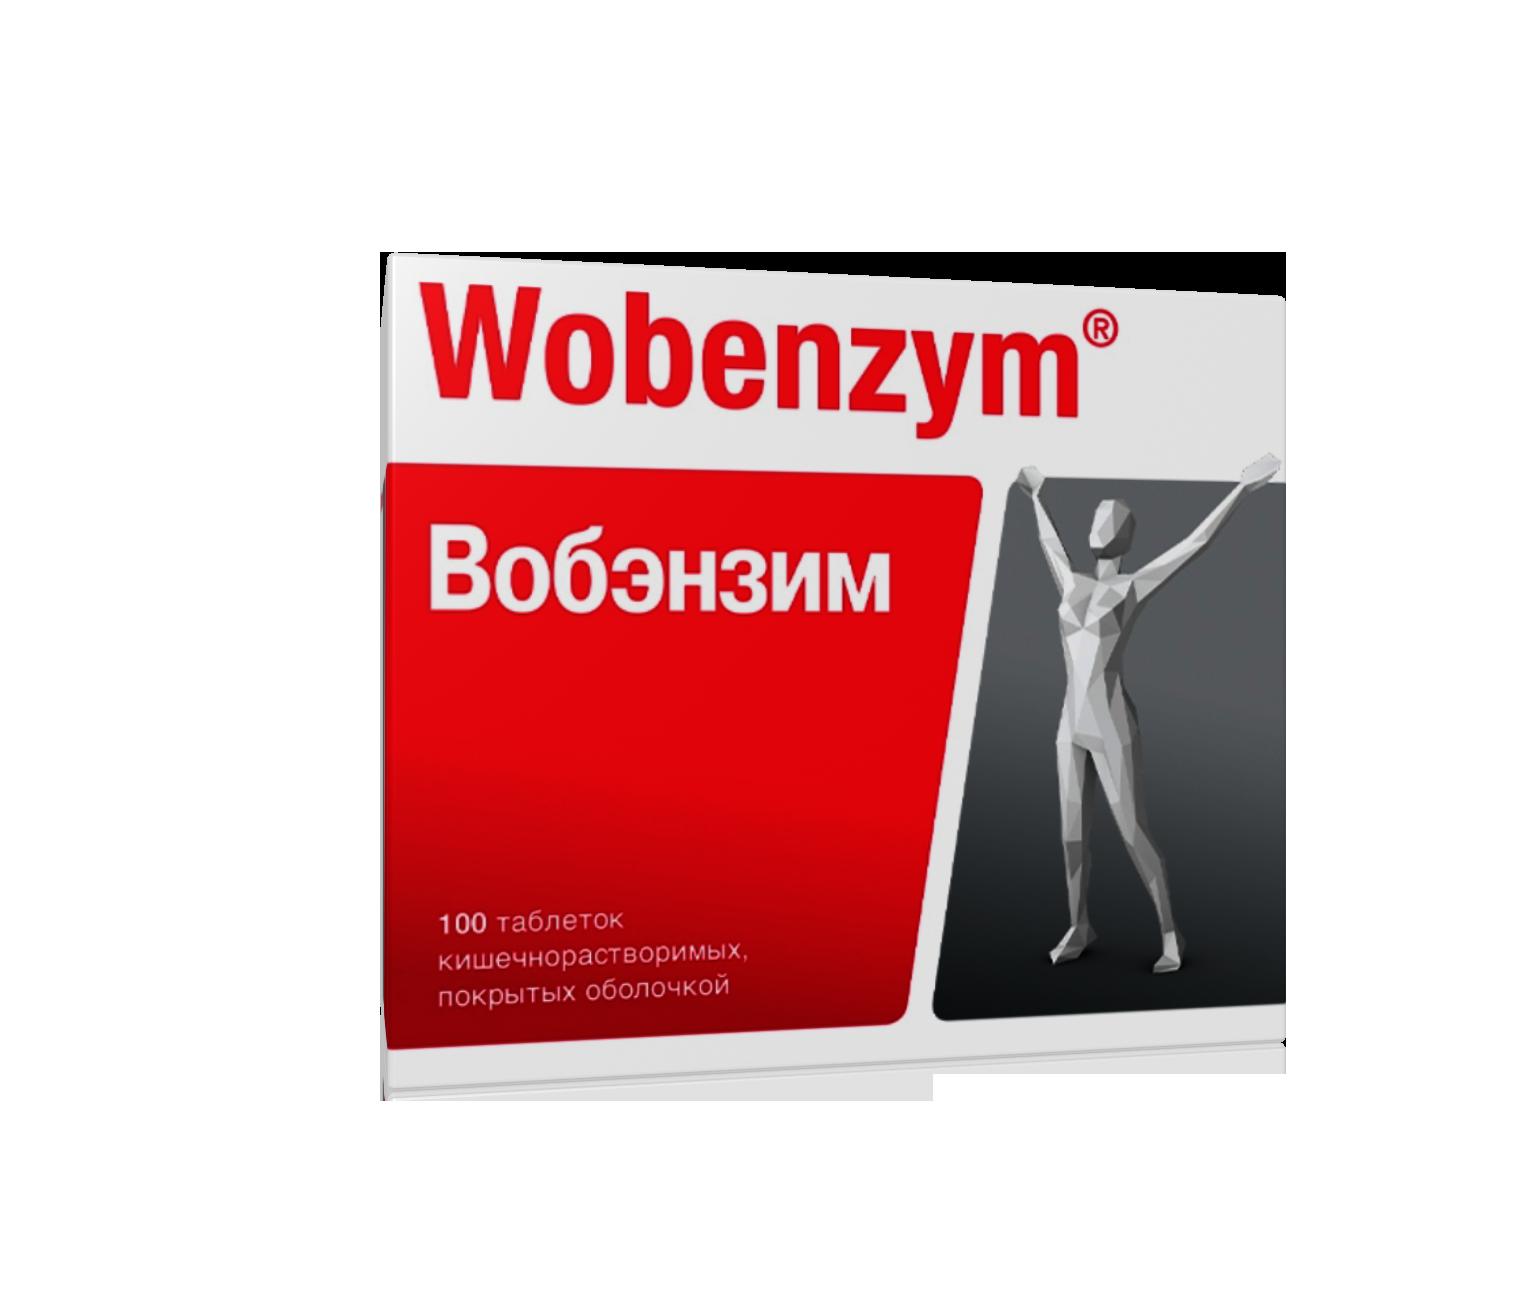 Для чего назначают вобэнзим? инструкция по применению, отзывы и аналоги, цена в аптеках